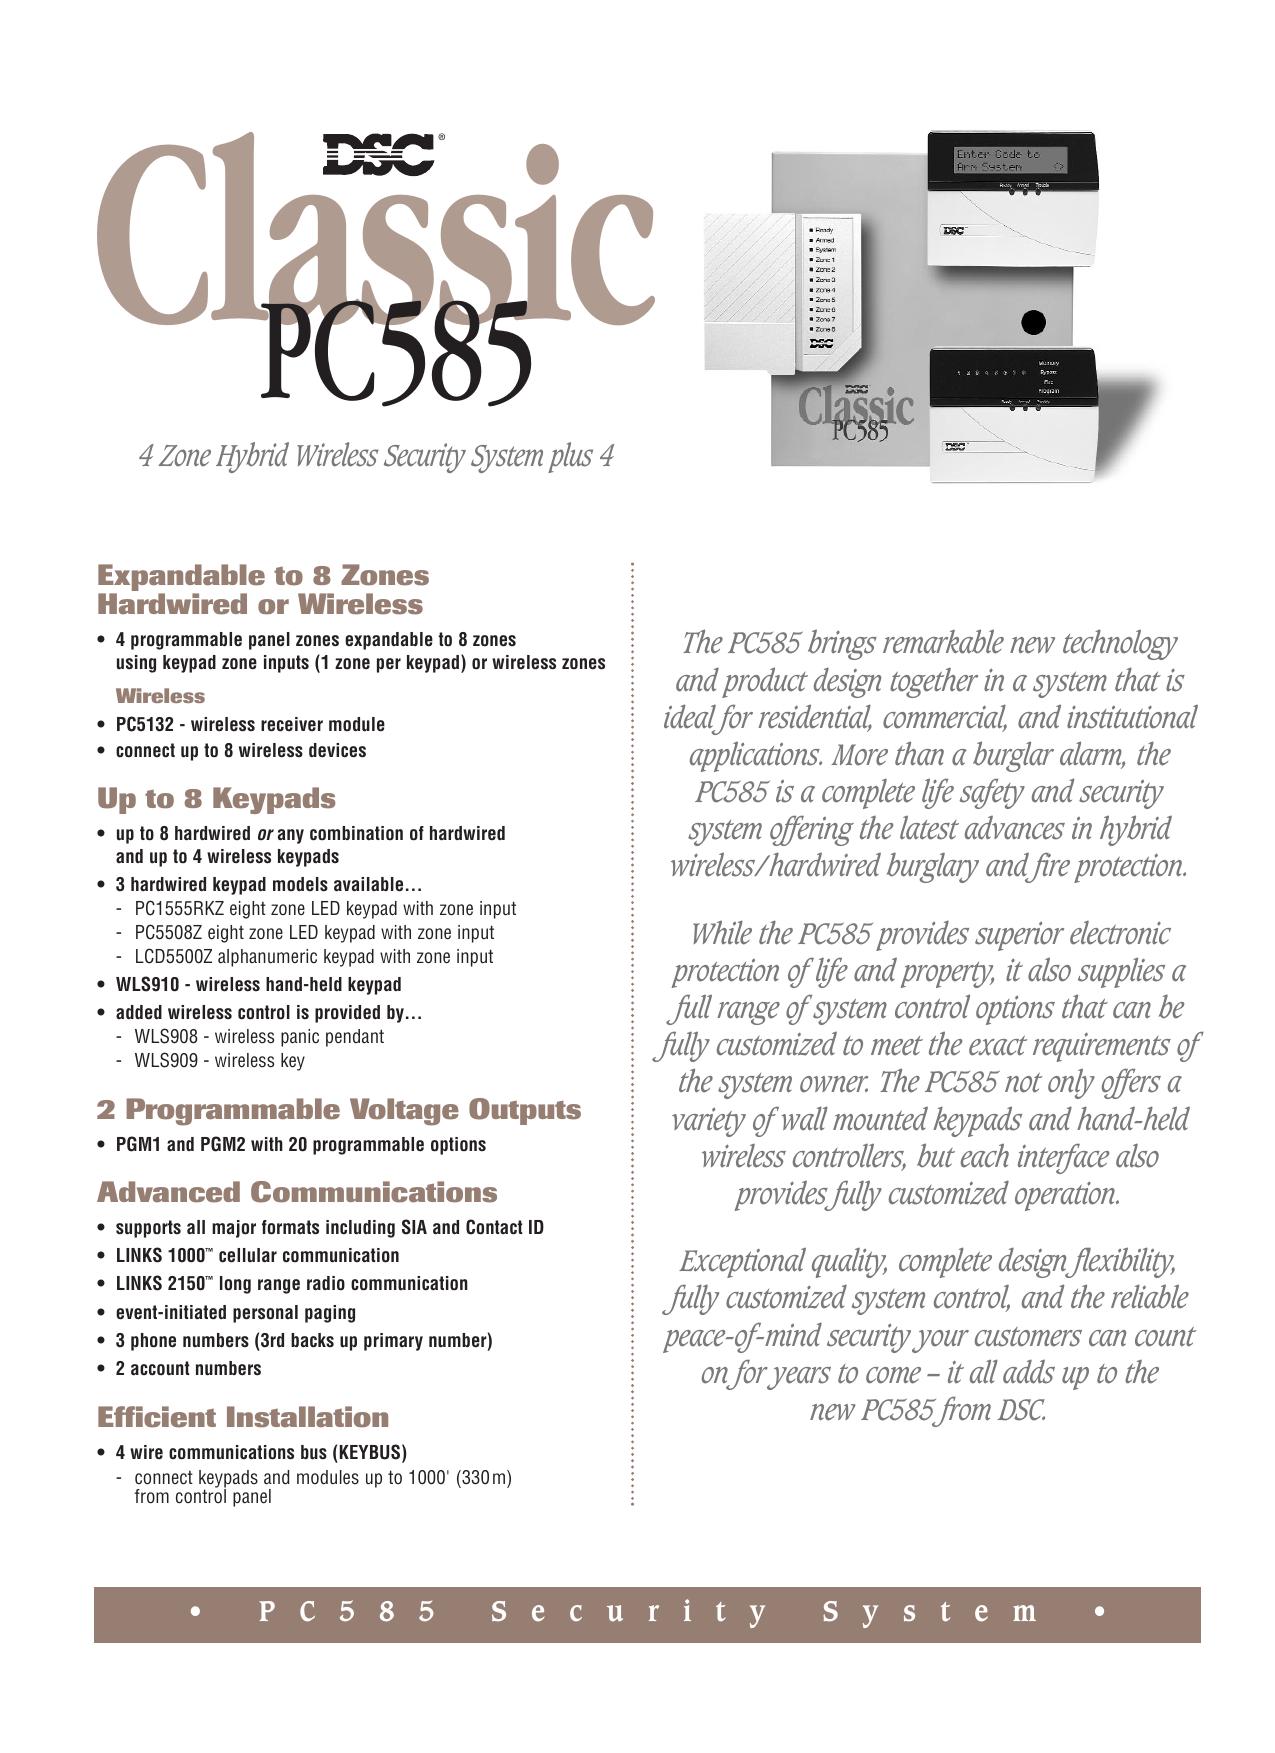 PC585 Spec Sheet | manualzz com